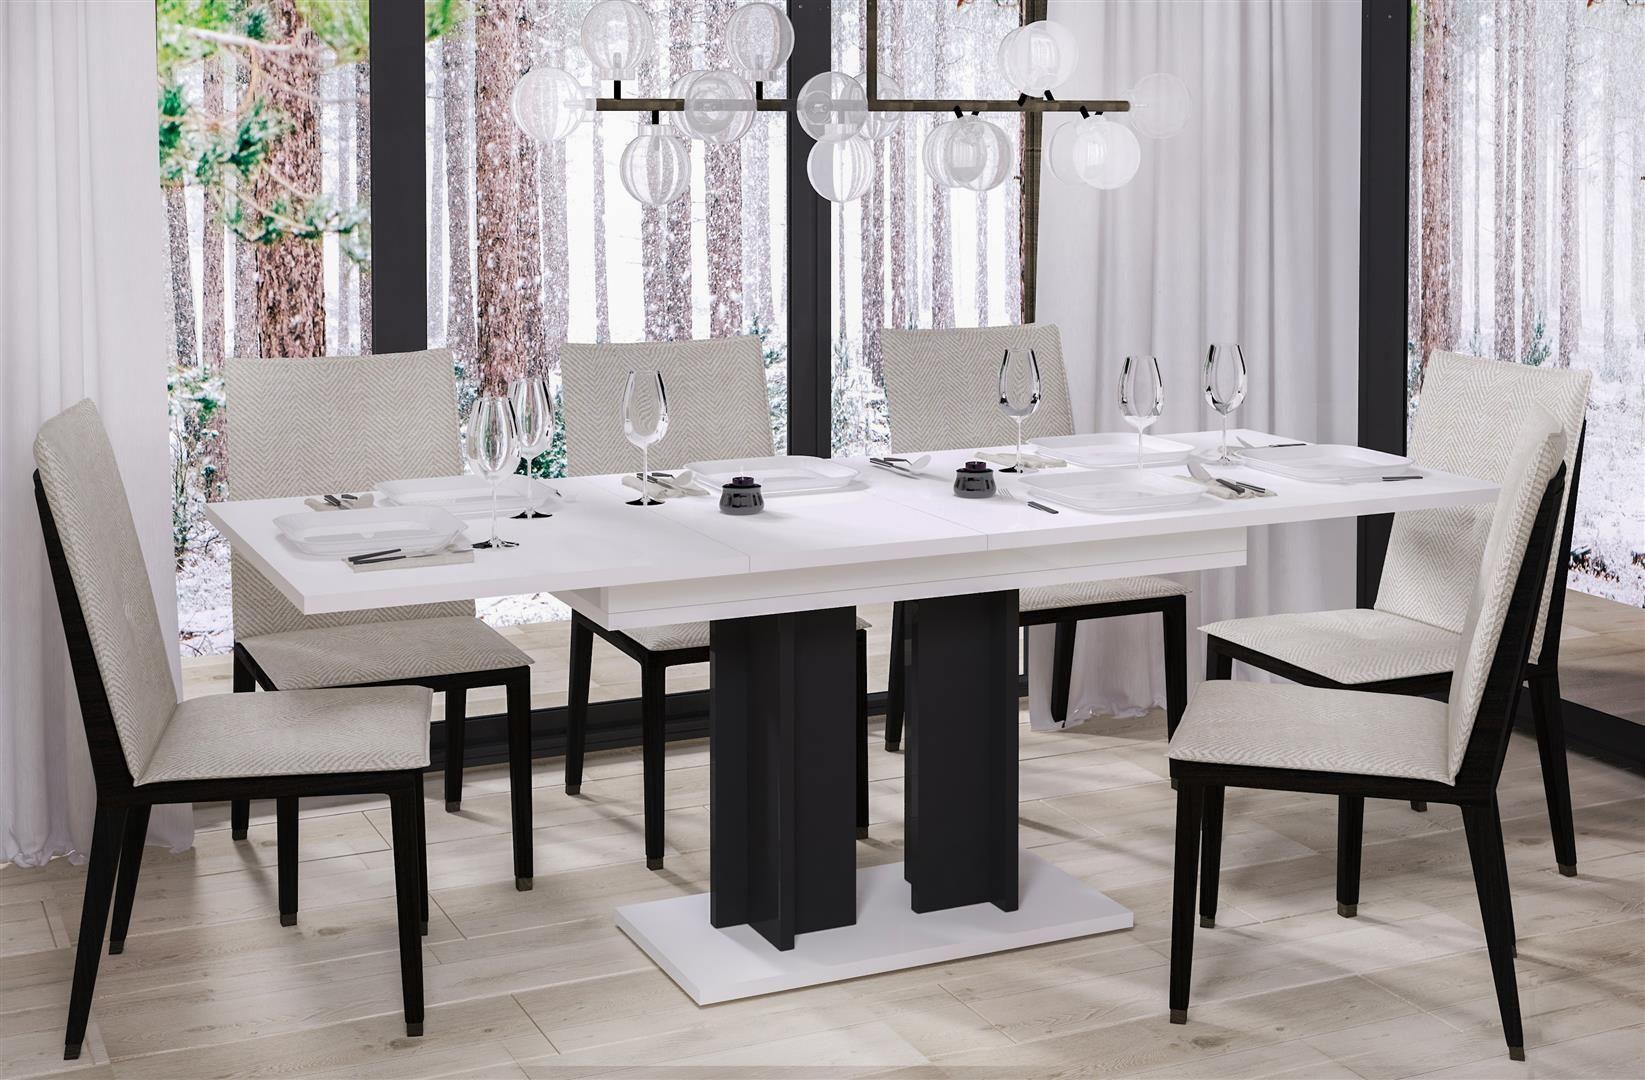 Kuchenny stół AURORA 130(210)x80 biały połysk rozkładany  KUP TERAZ - OTRZYMAJ RABAT